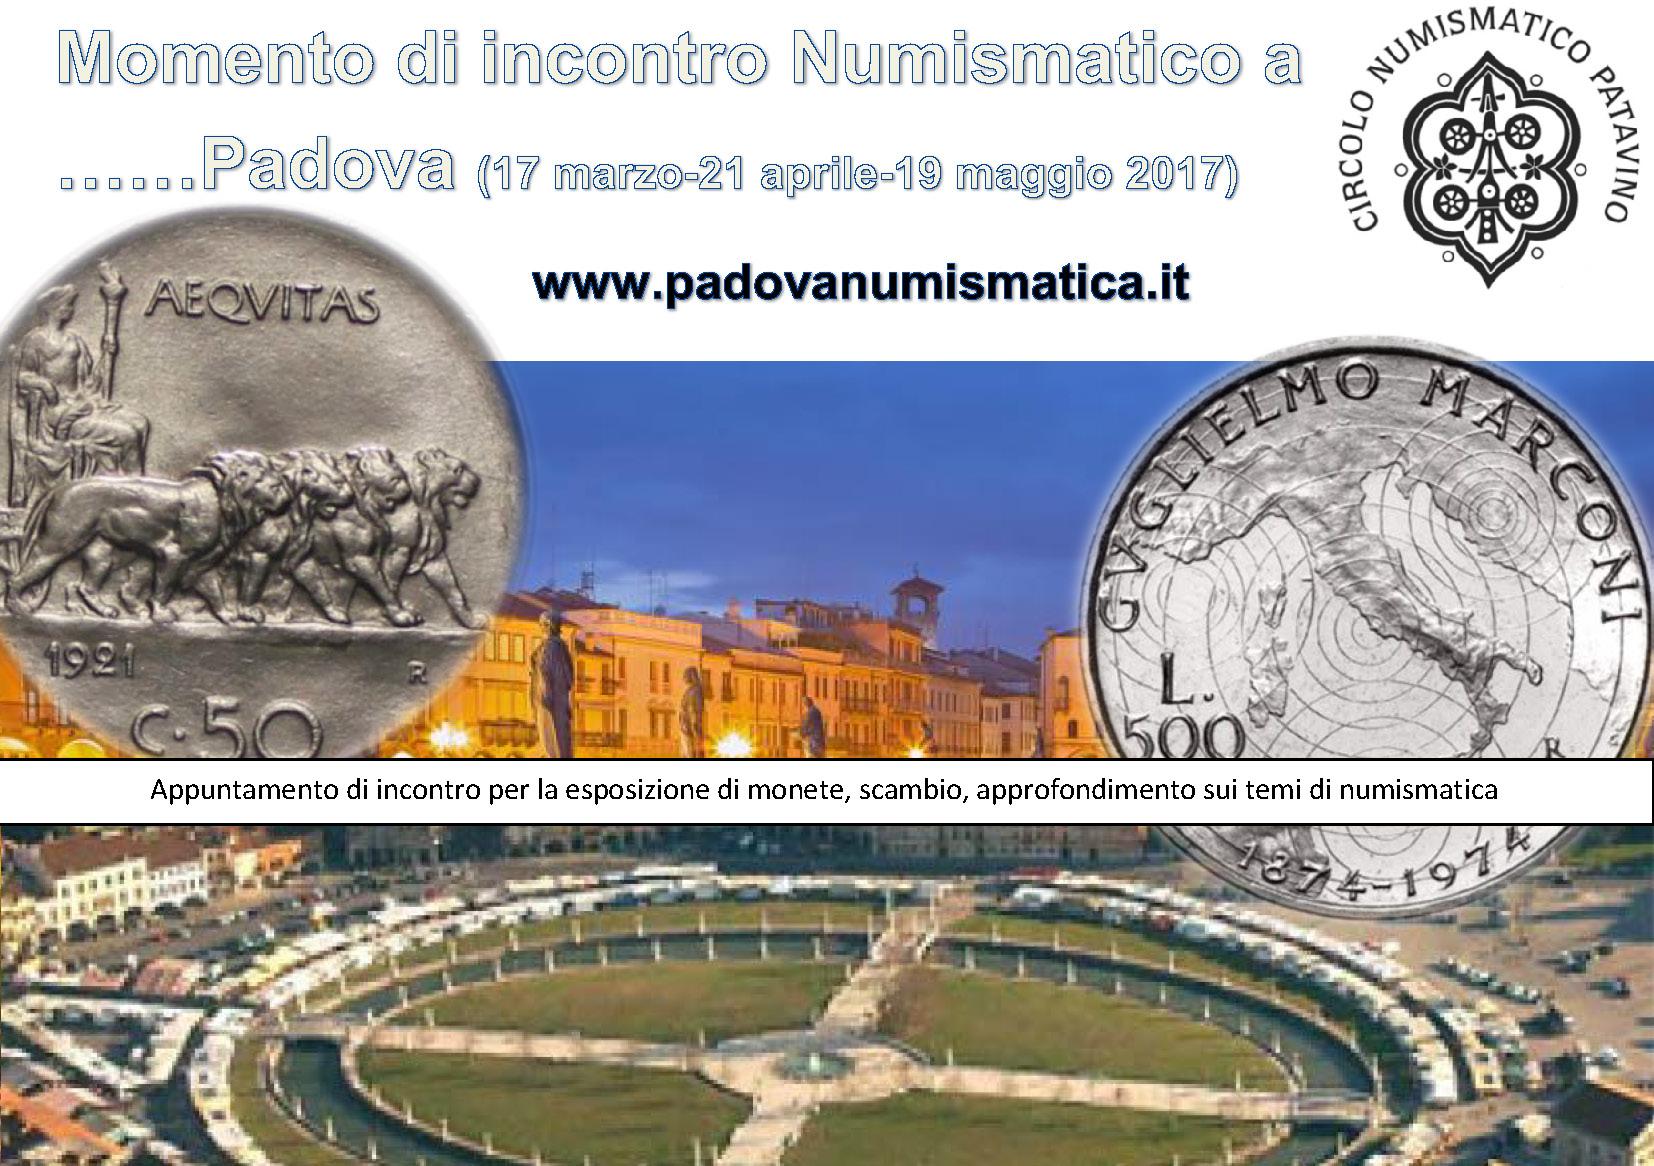 momento-di-incontro-numismatico